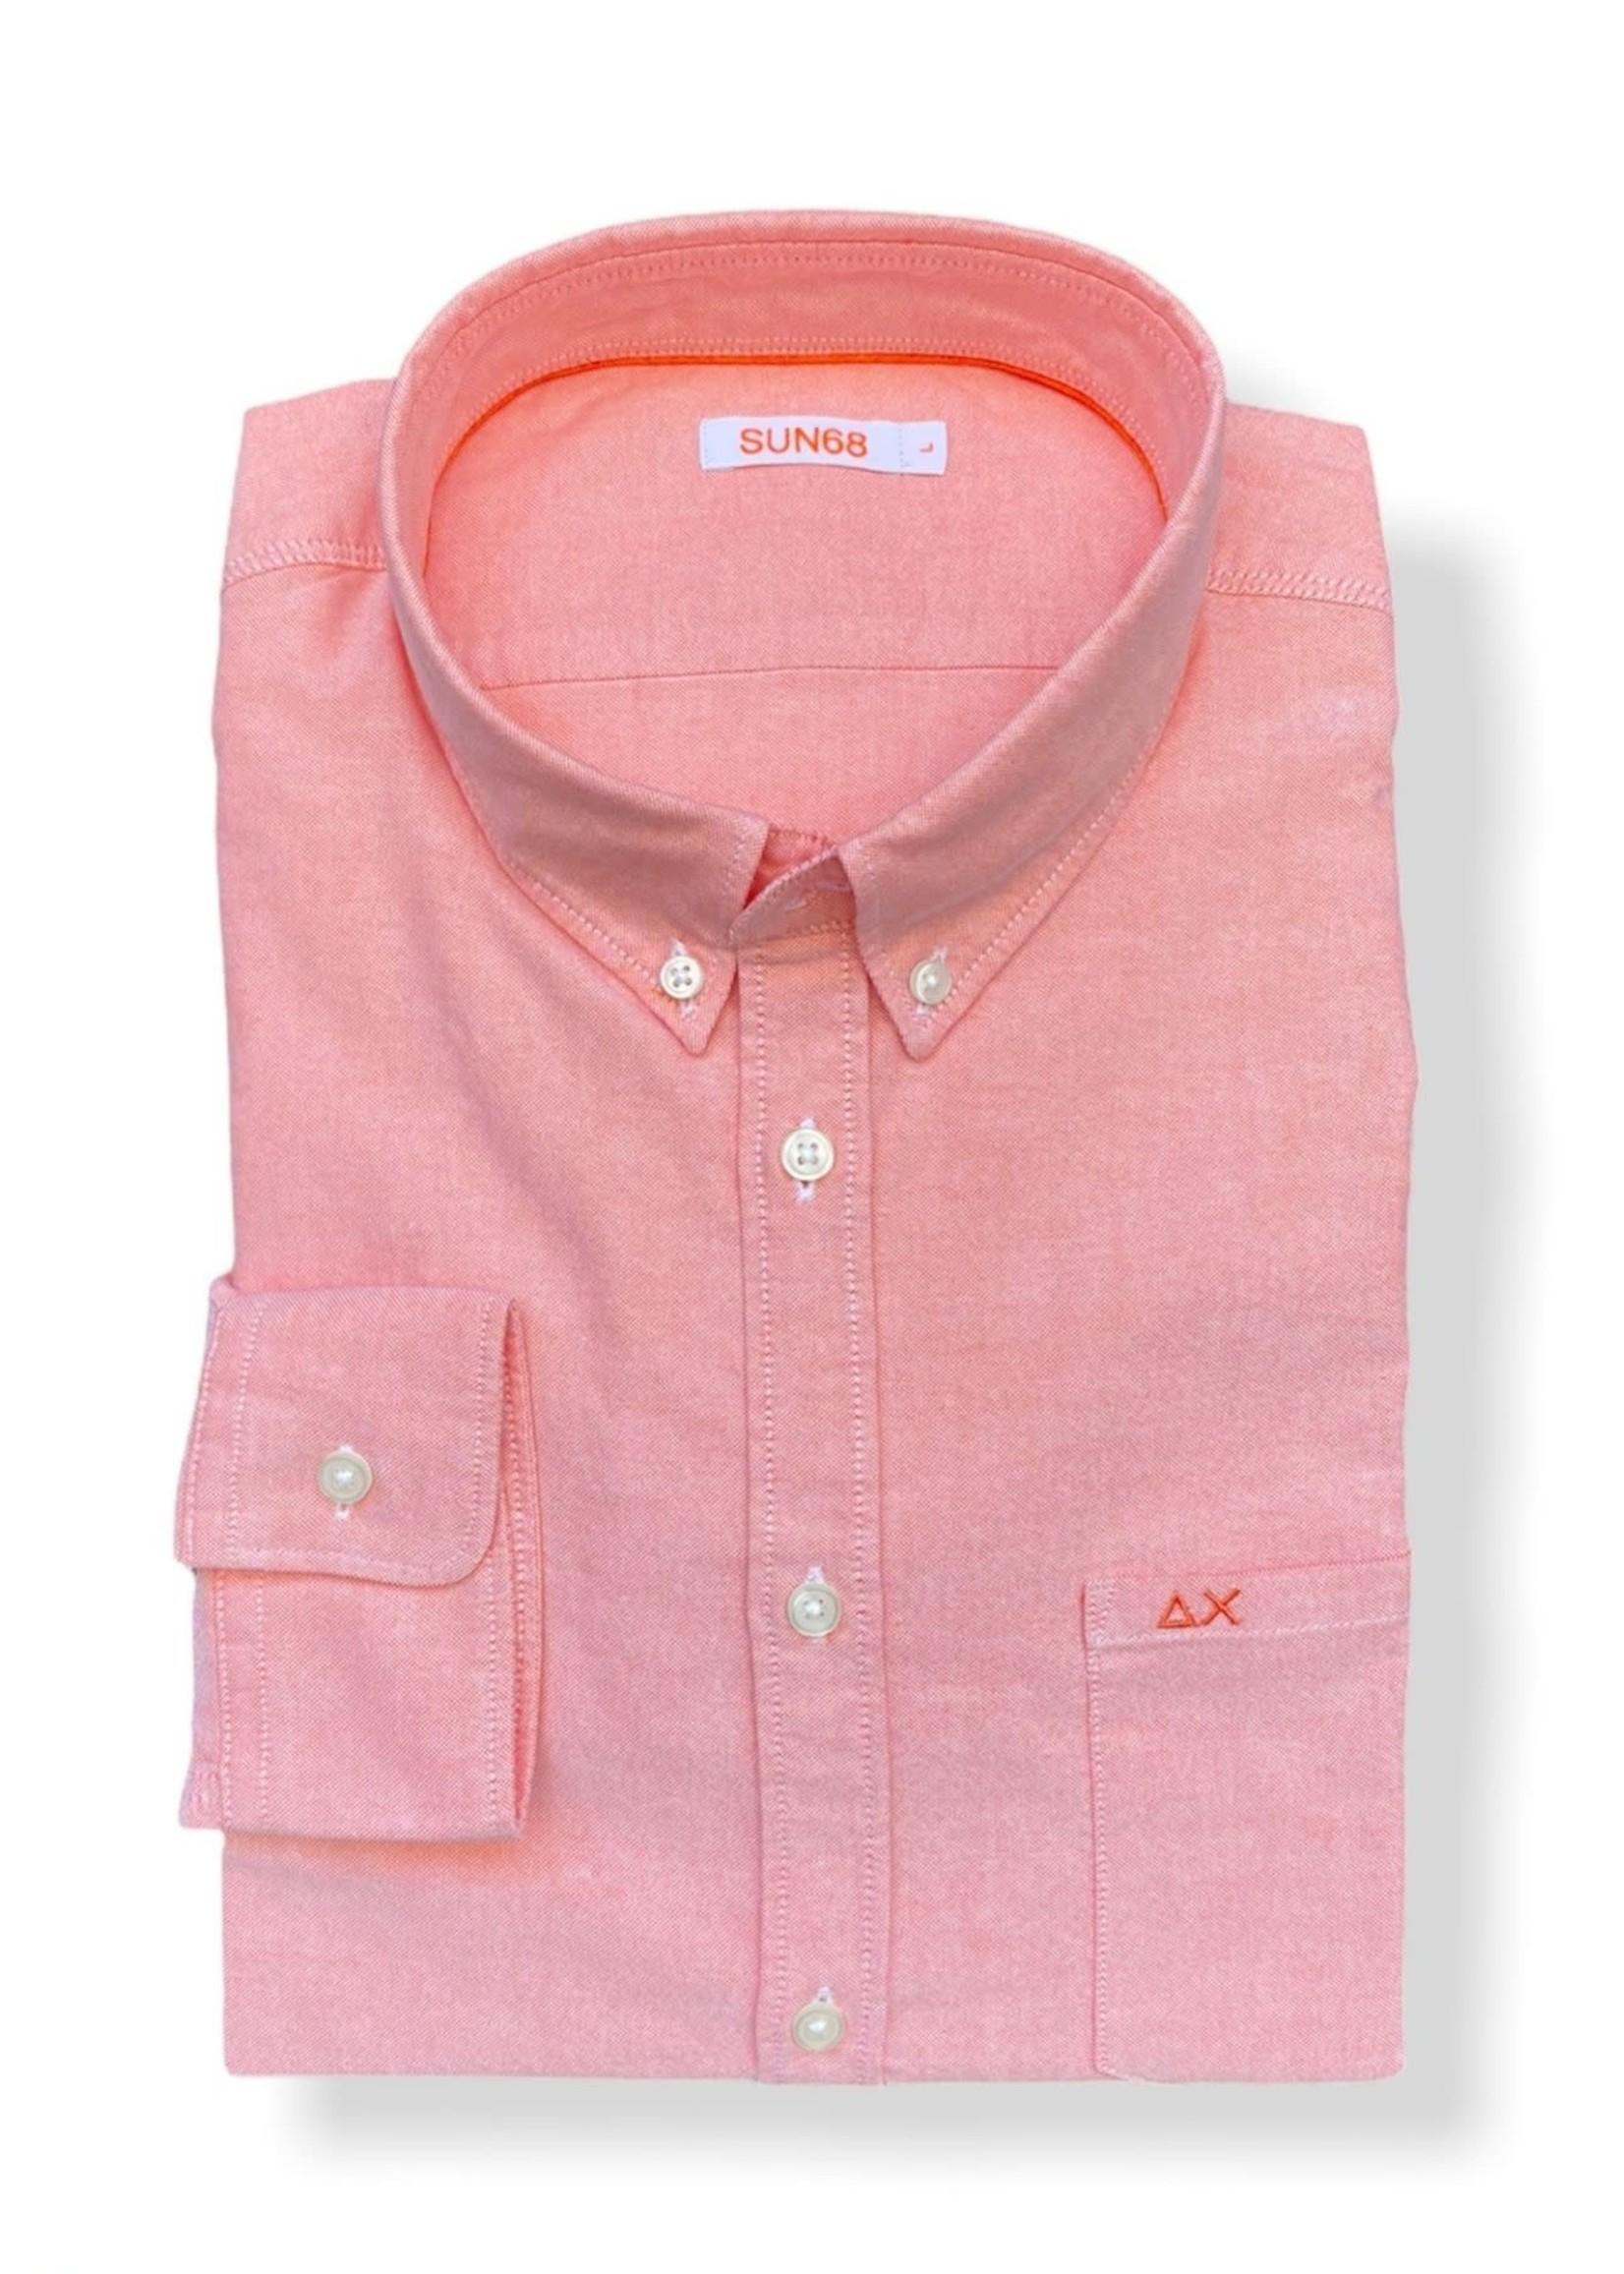 SUN68 Shirt Oxford | Orange | SUN68